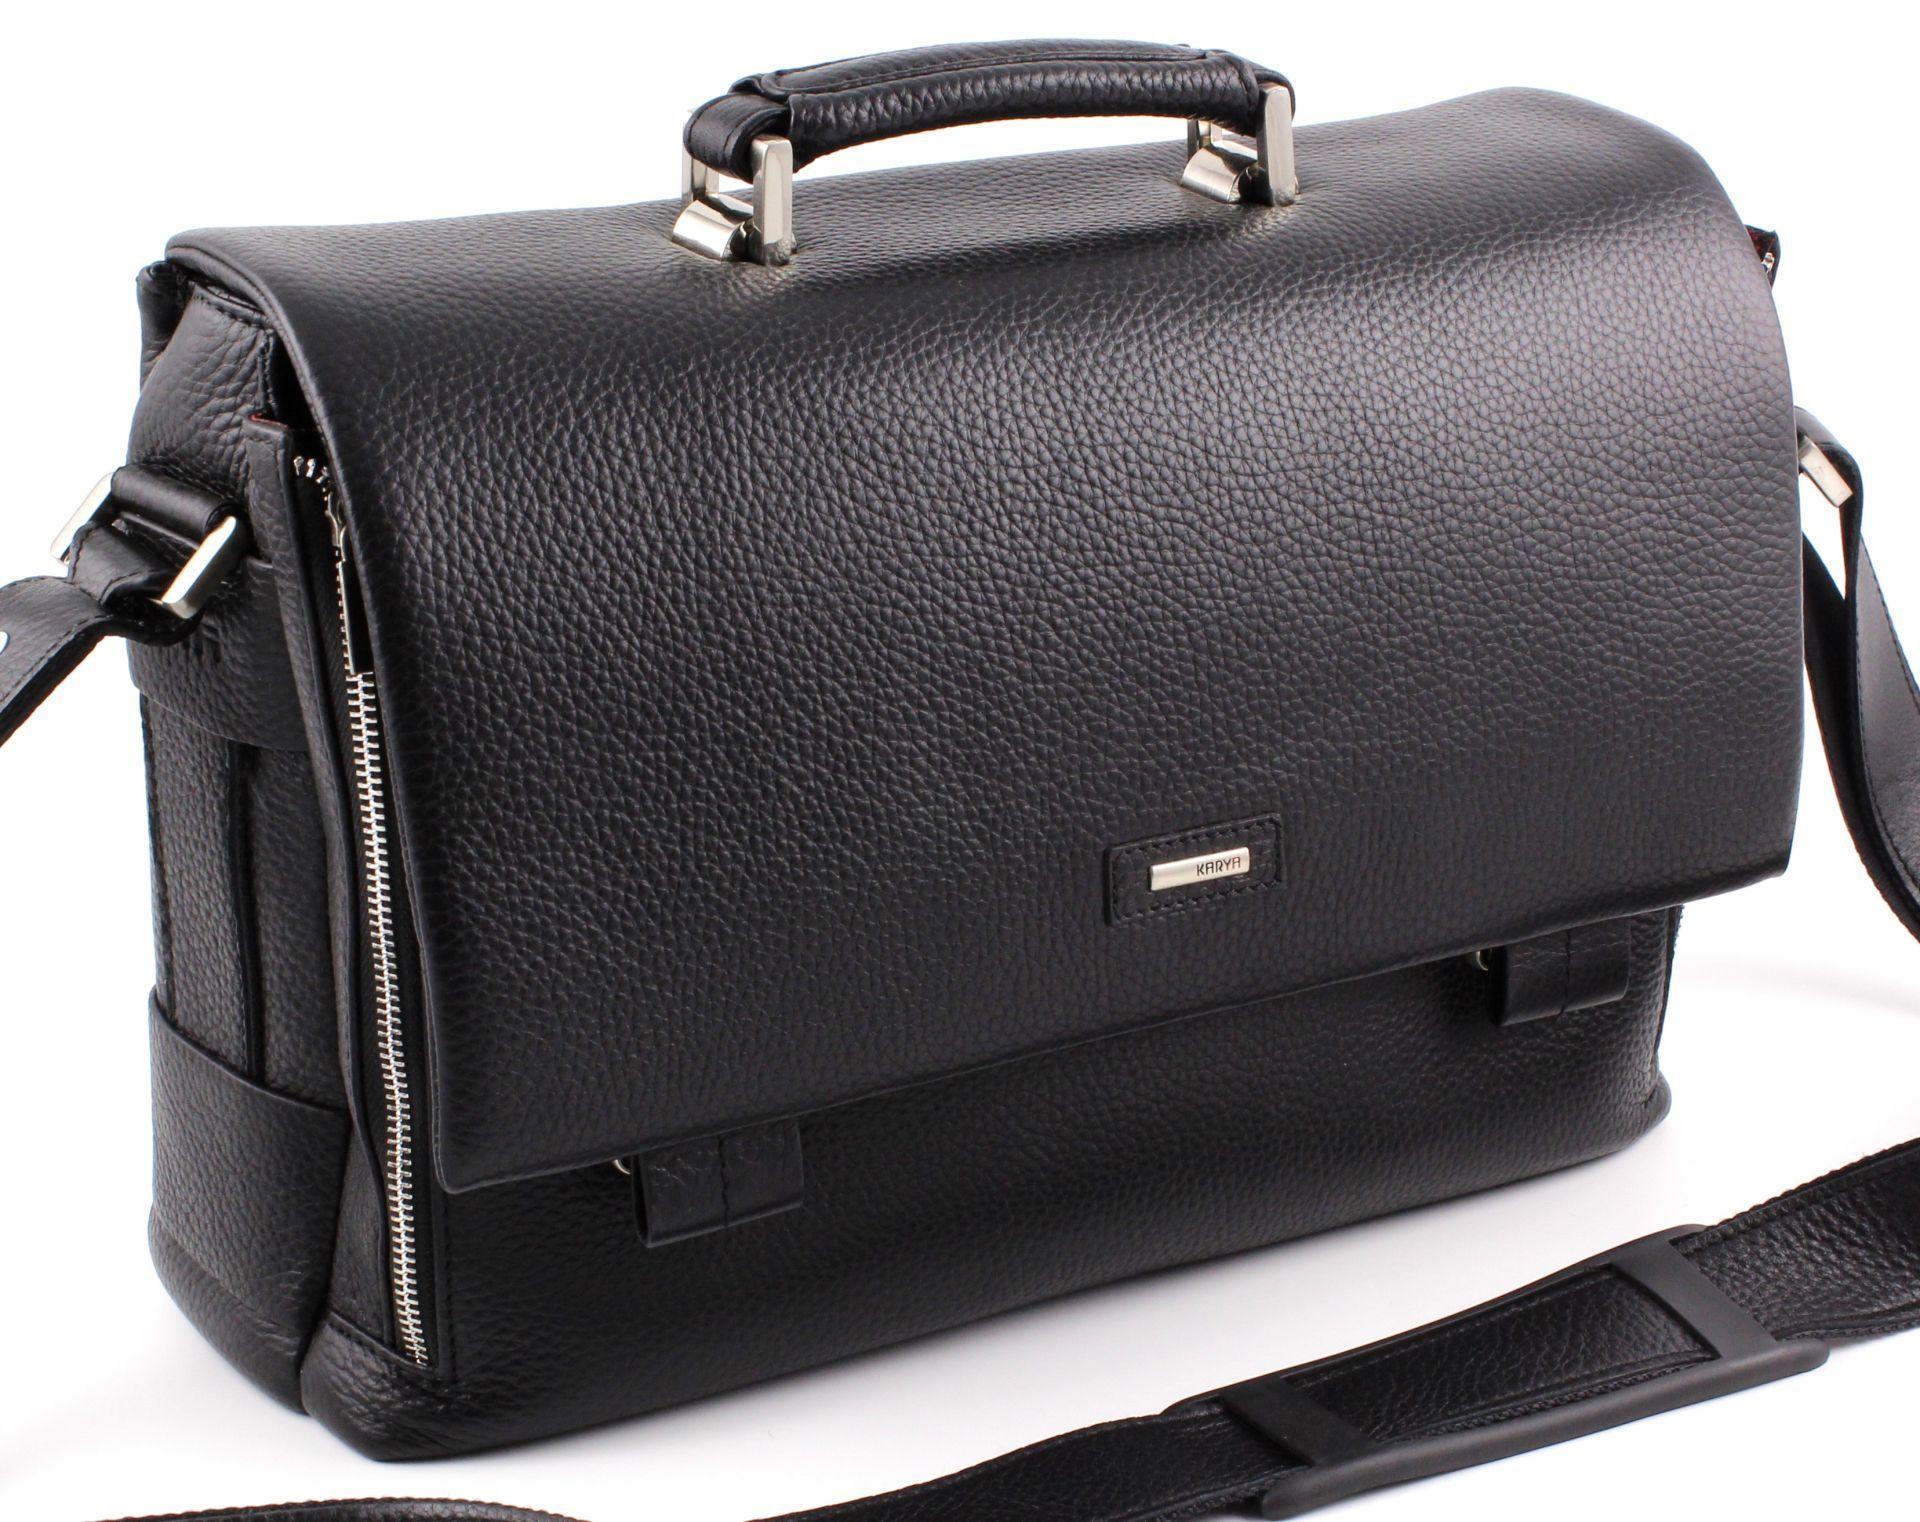 23c8580f8b91 Элитная турецкая мужская деловая кожаная сумка-портфель Karya под документы  А4 (10263)